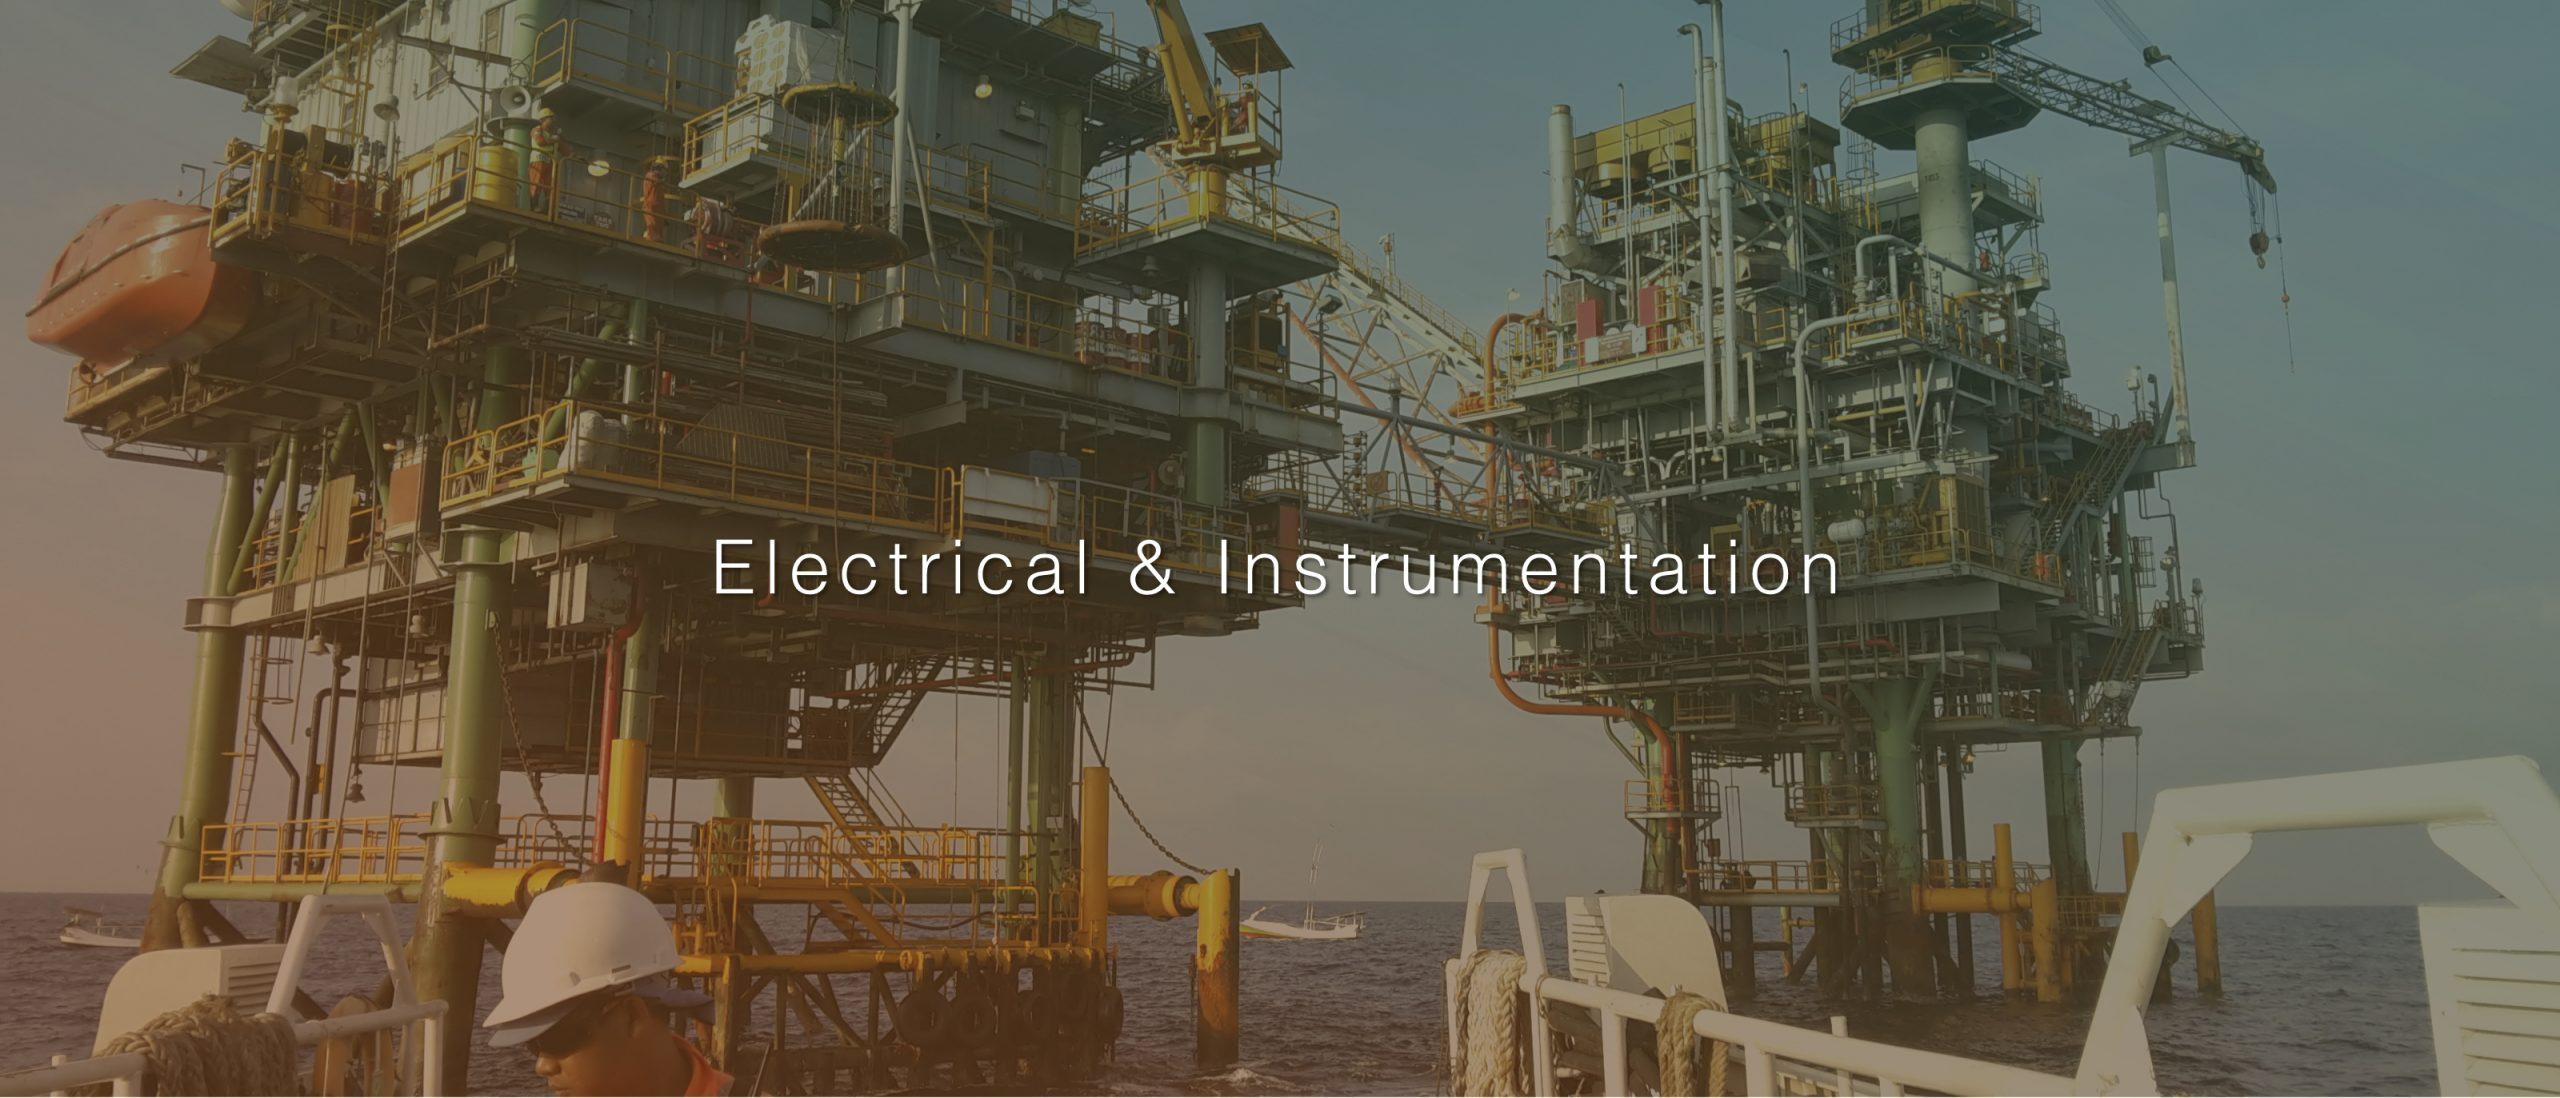 PADDI Electrical Engineering, Instrumentation, E&I